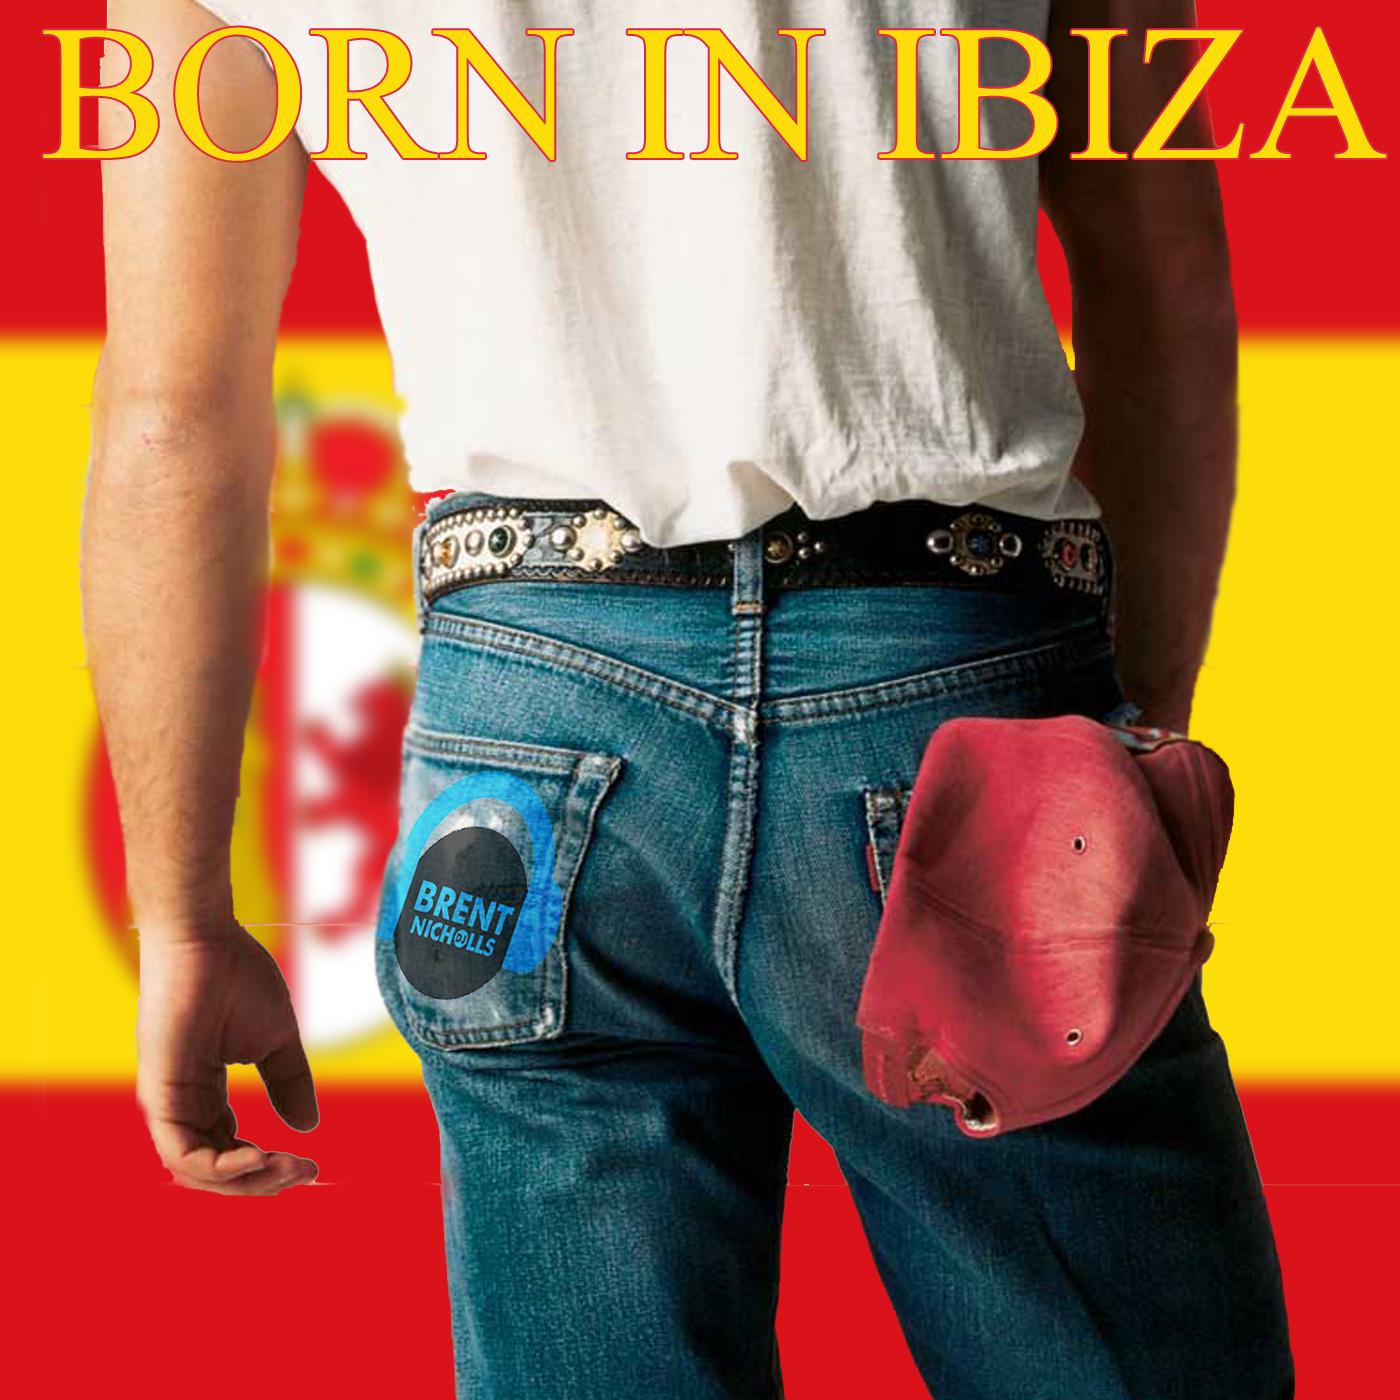 PODCAST: BORN IN IBIZA